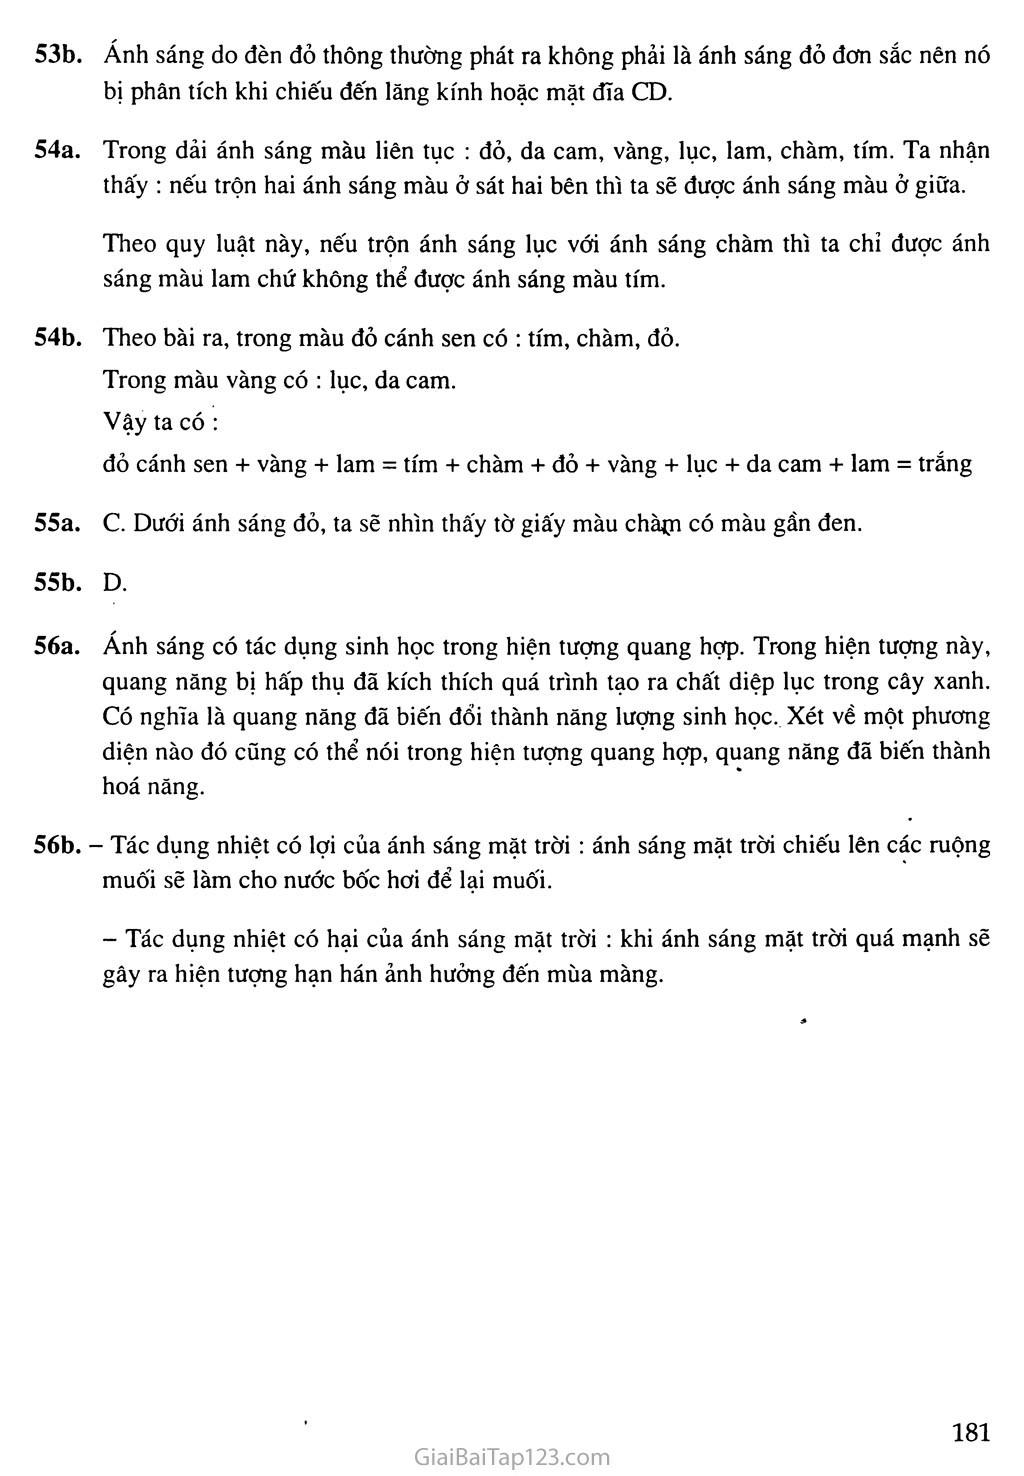 Hướng dẫn giải các bài tập bổ sung trang 17